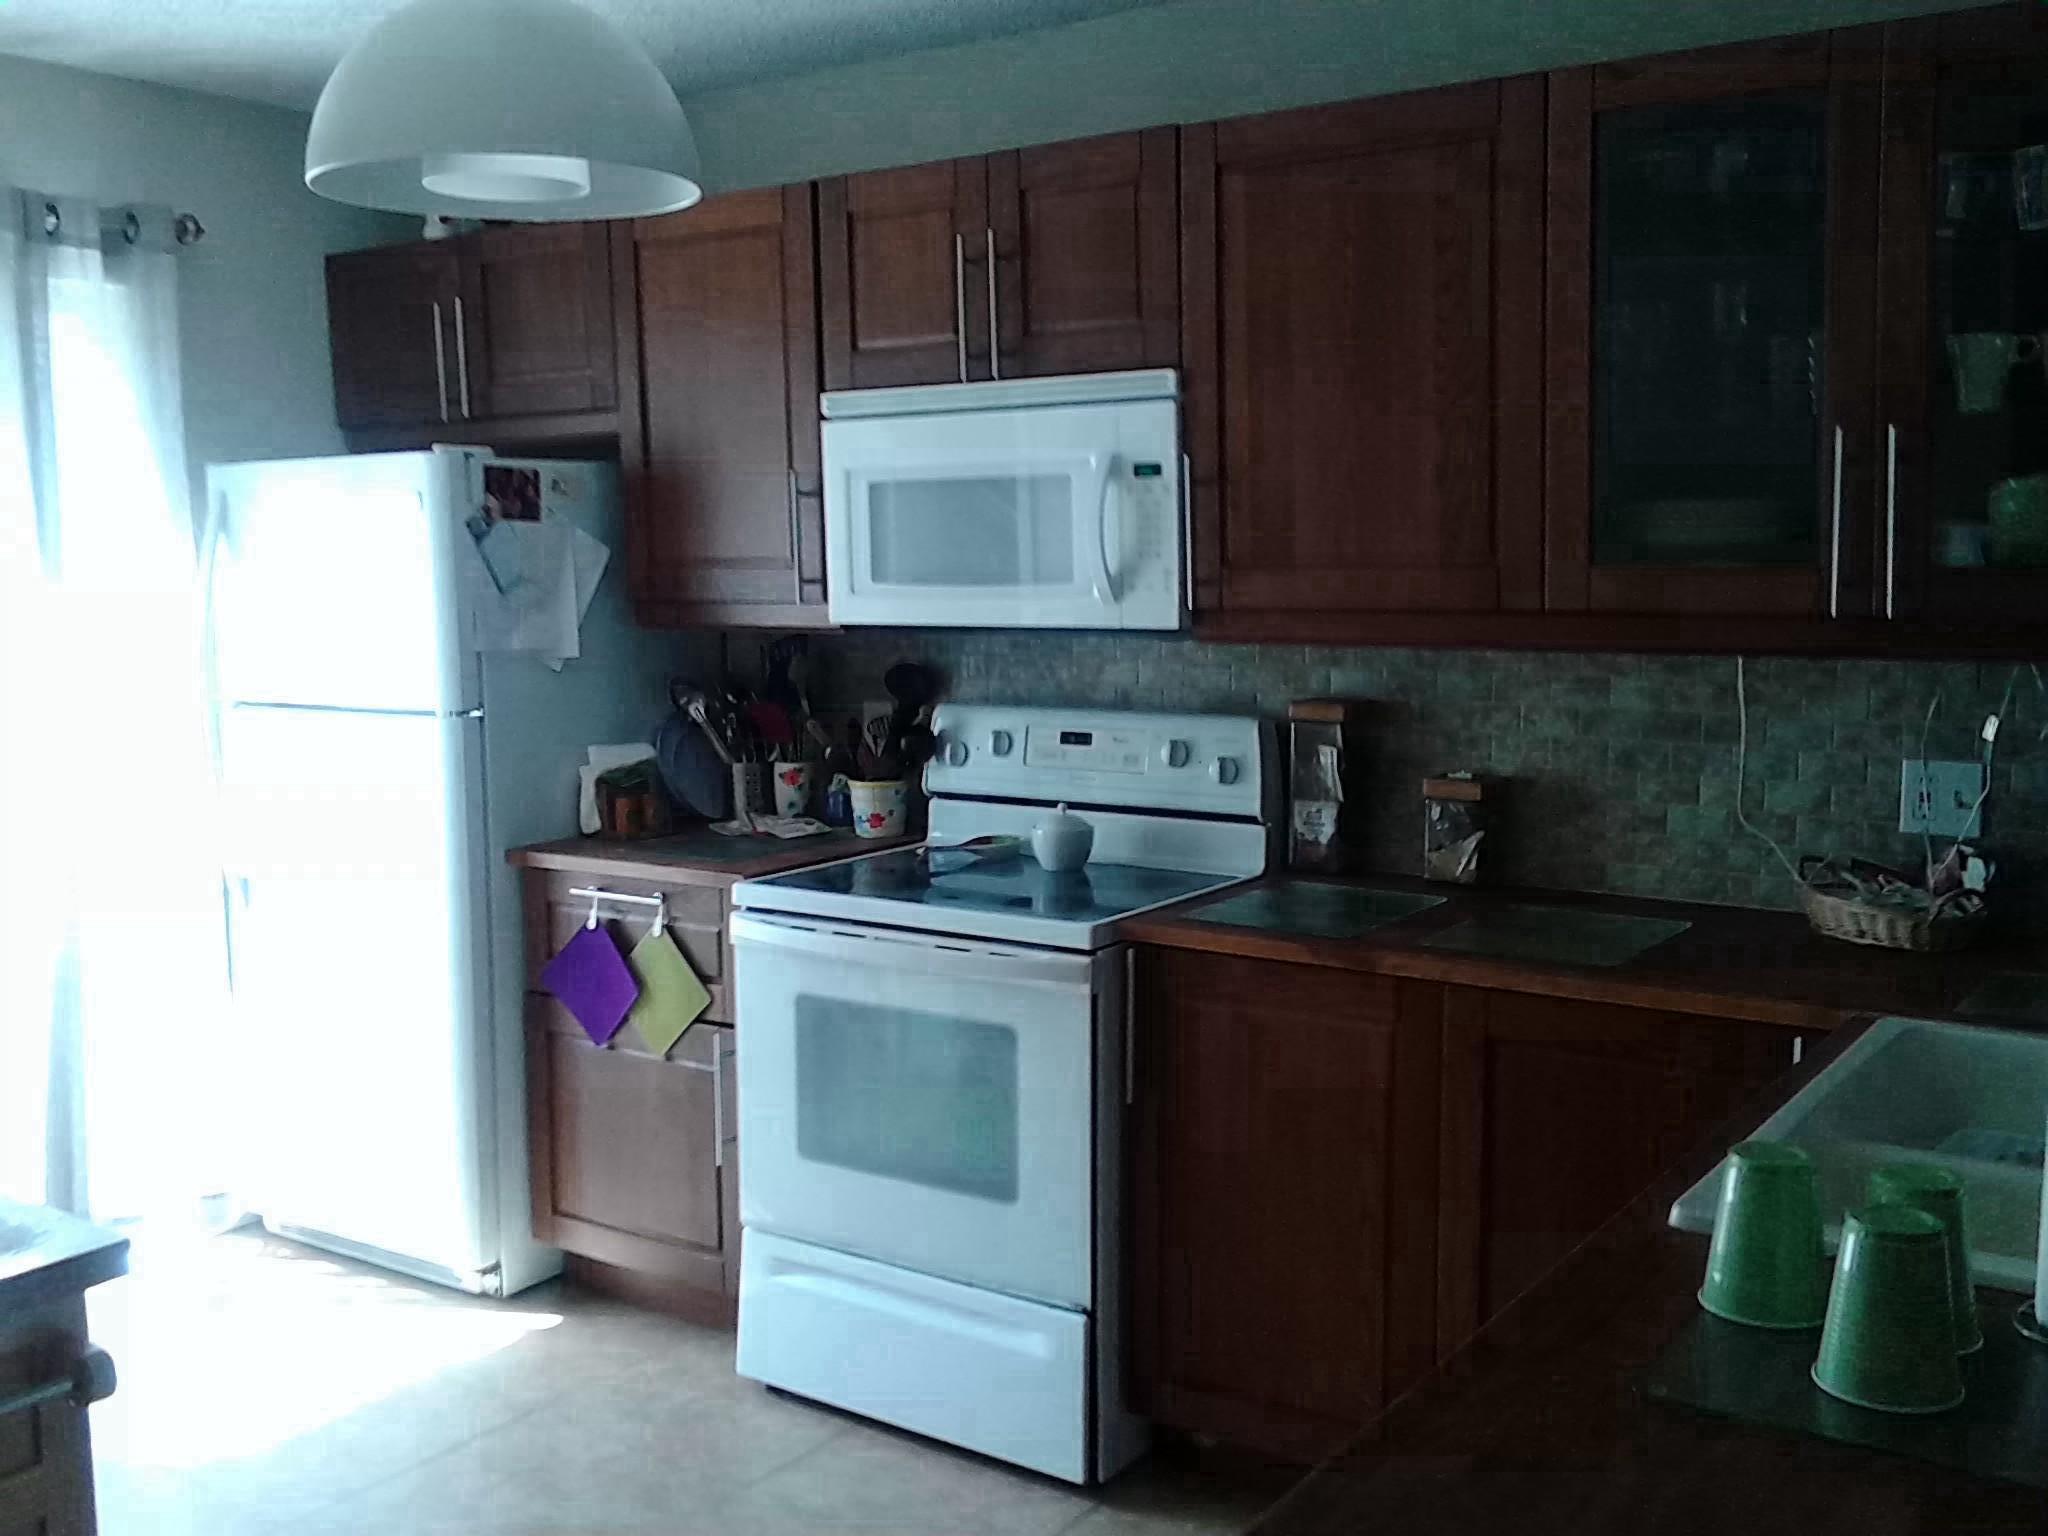 3651 N Goldenrod Rd #B107, Winter Park, FL 32792 For Rent | Trulia